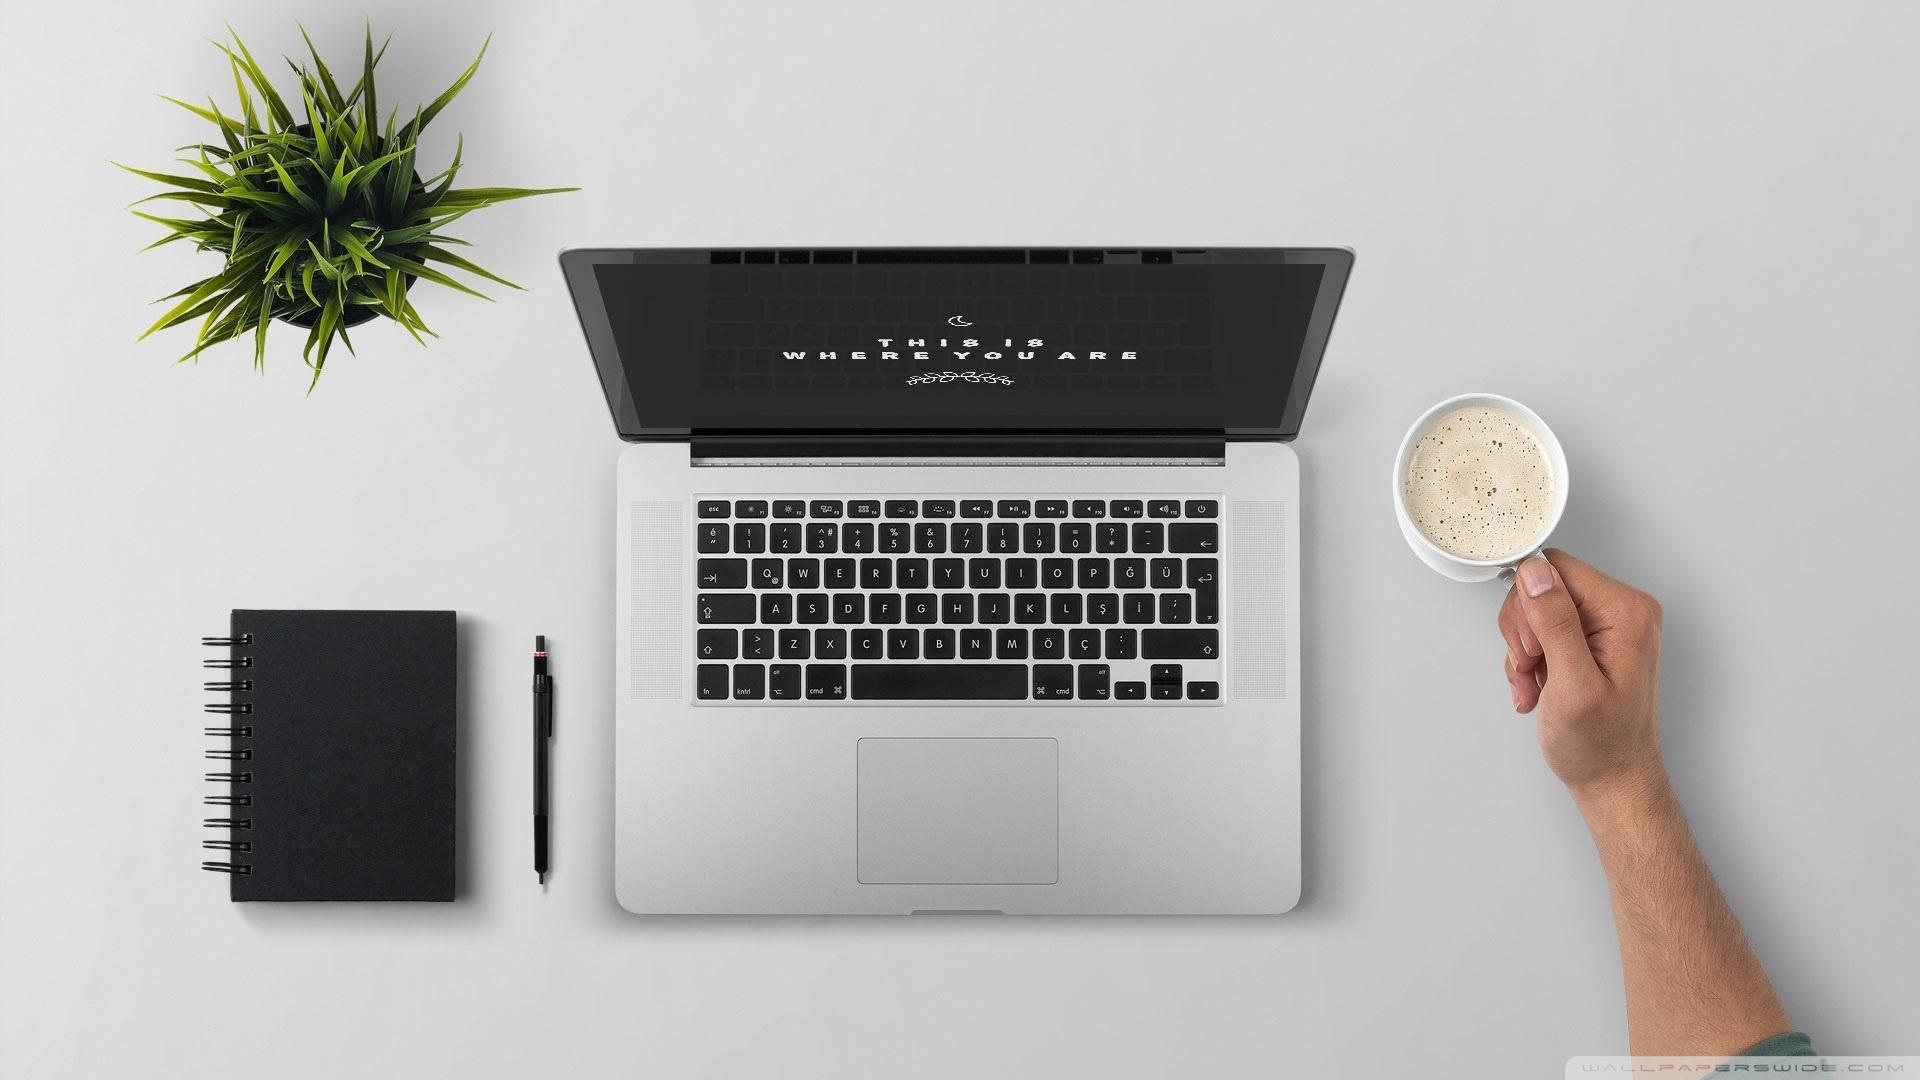 Laptop Hd Full Hd Wallpaper 1920x1080 1920x1080 Wallpapertip